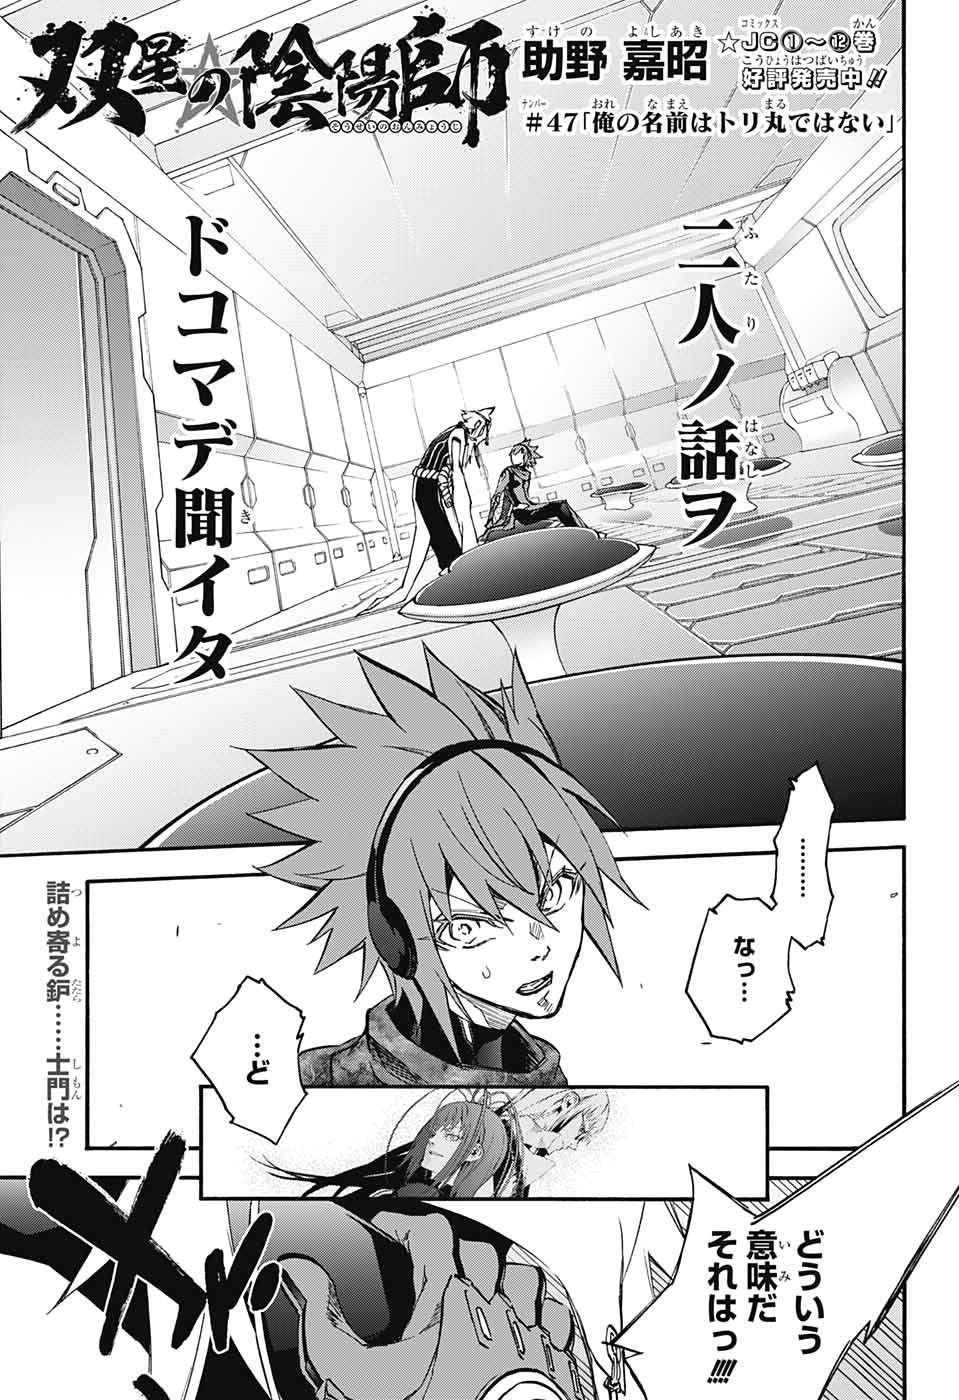 Sousei-no-Onmyouji Chapter 47 Page 1